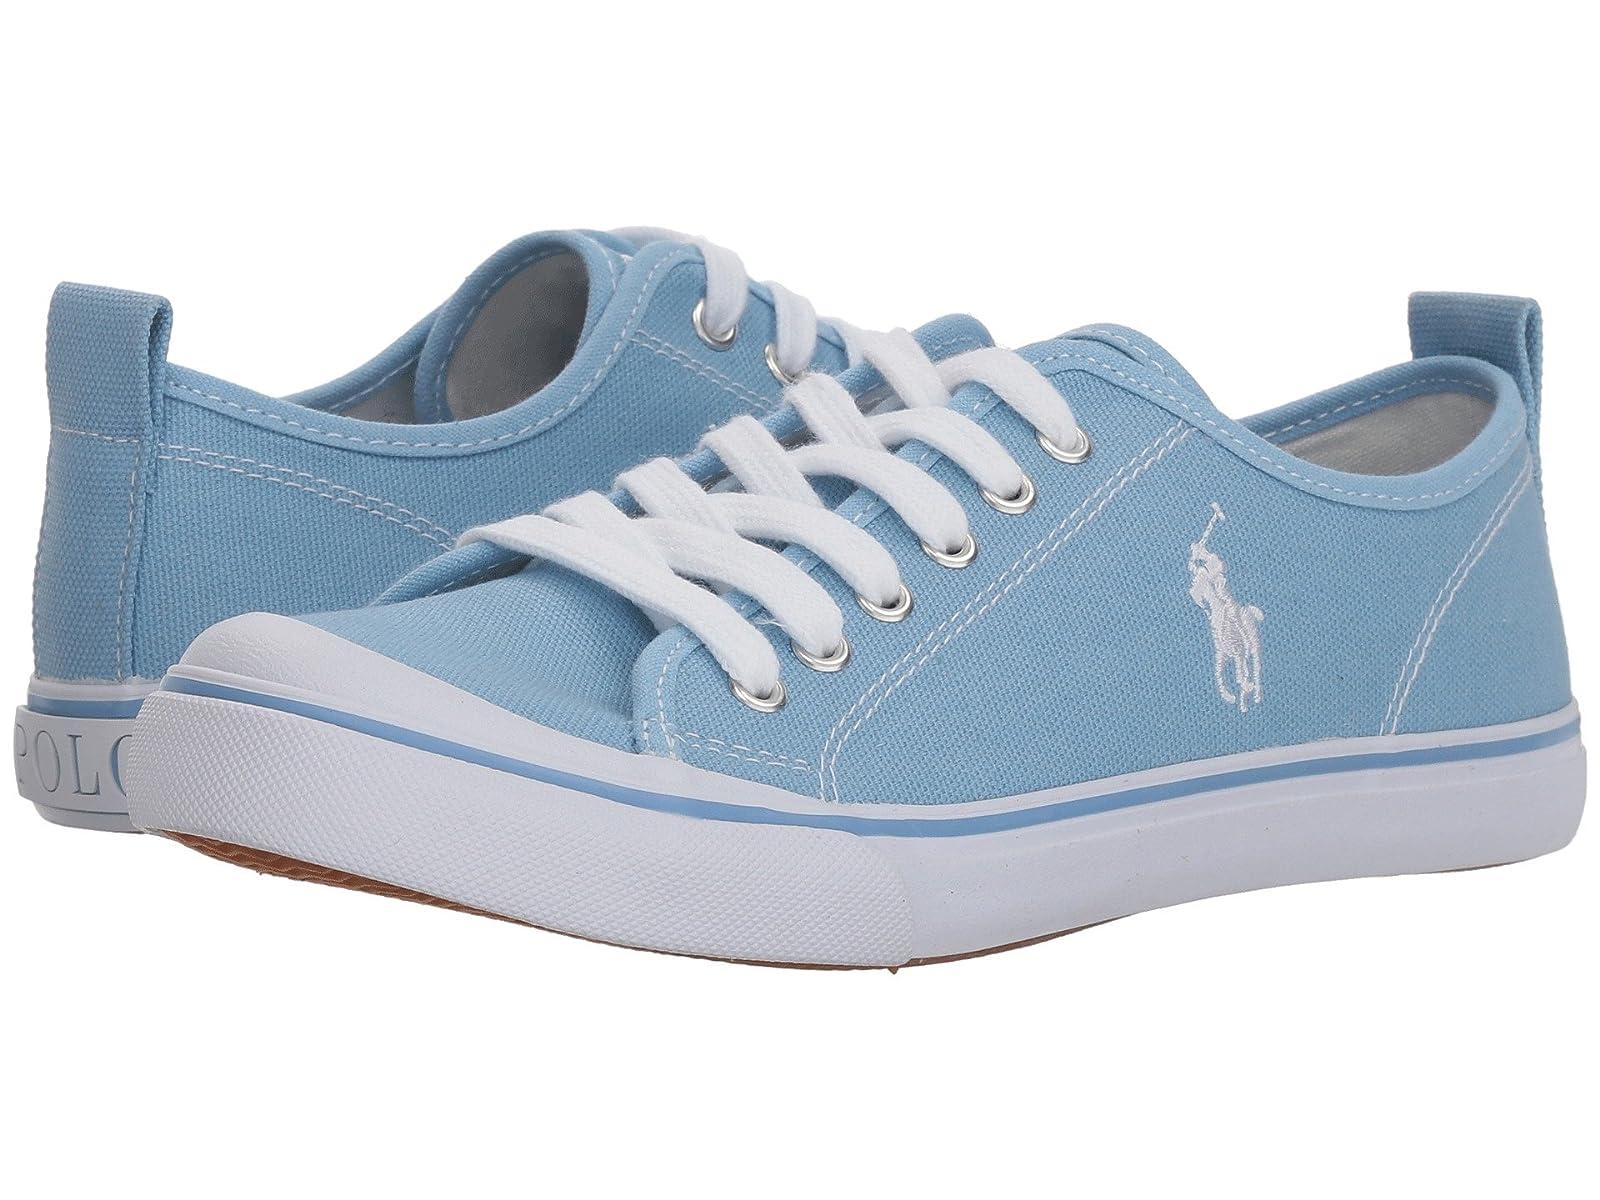 Polo Ralph Lauren Kids Karlen (Big Kid)Atmospheric grades have affordable shoes